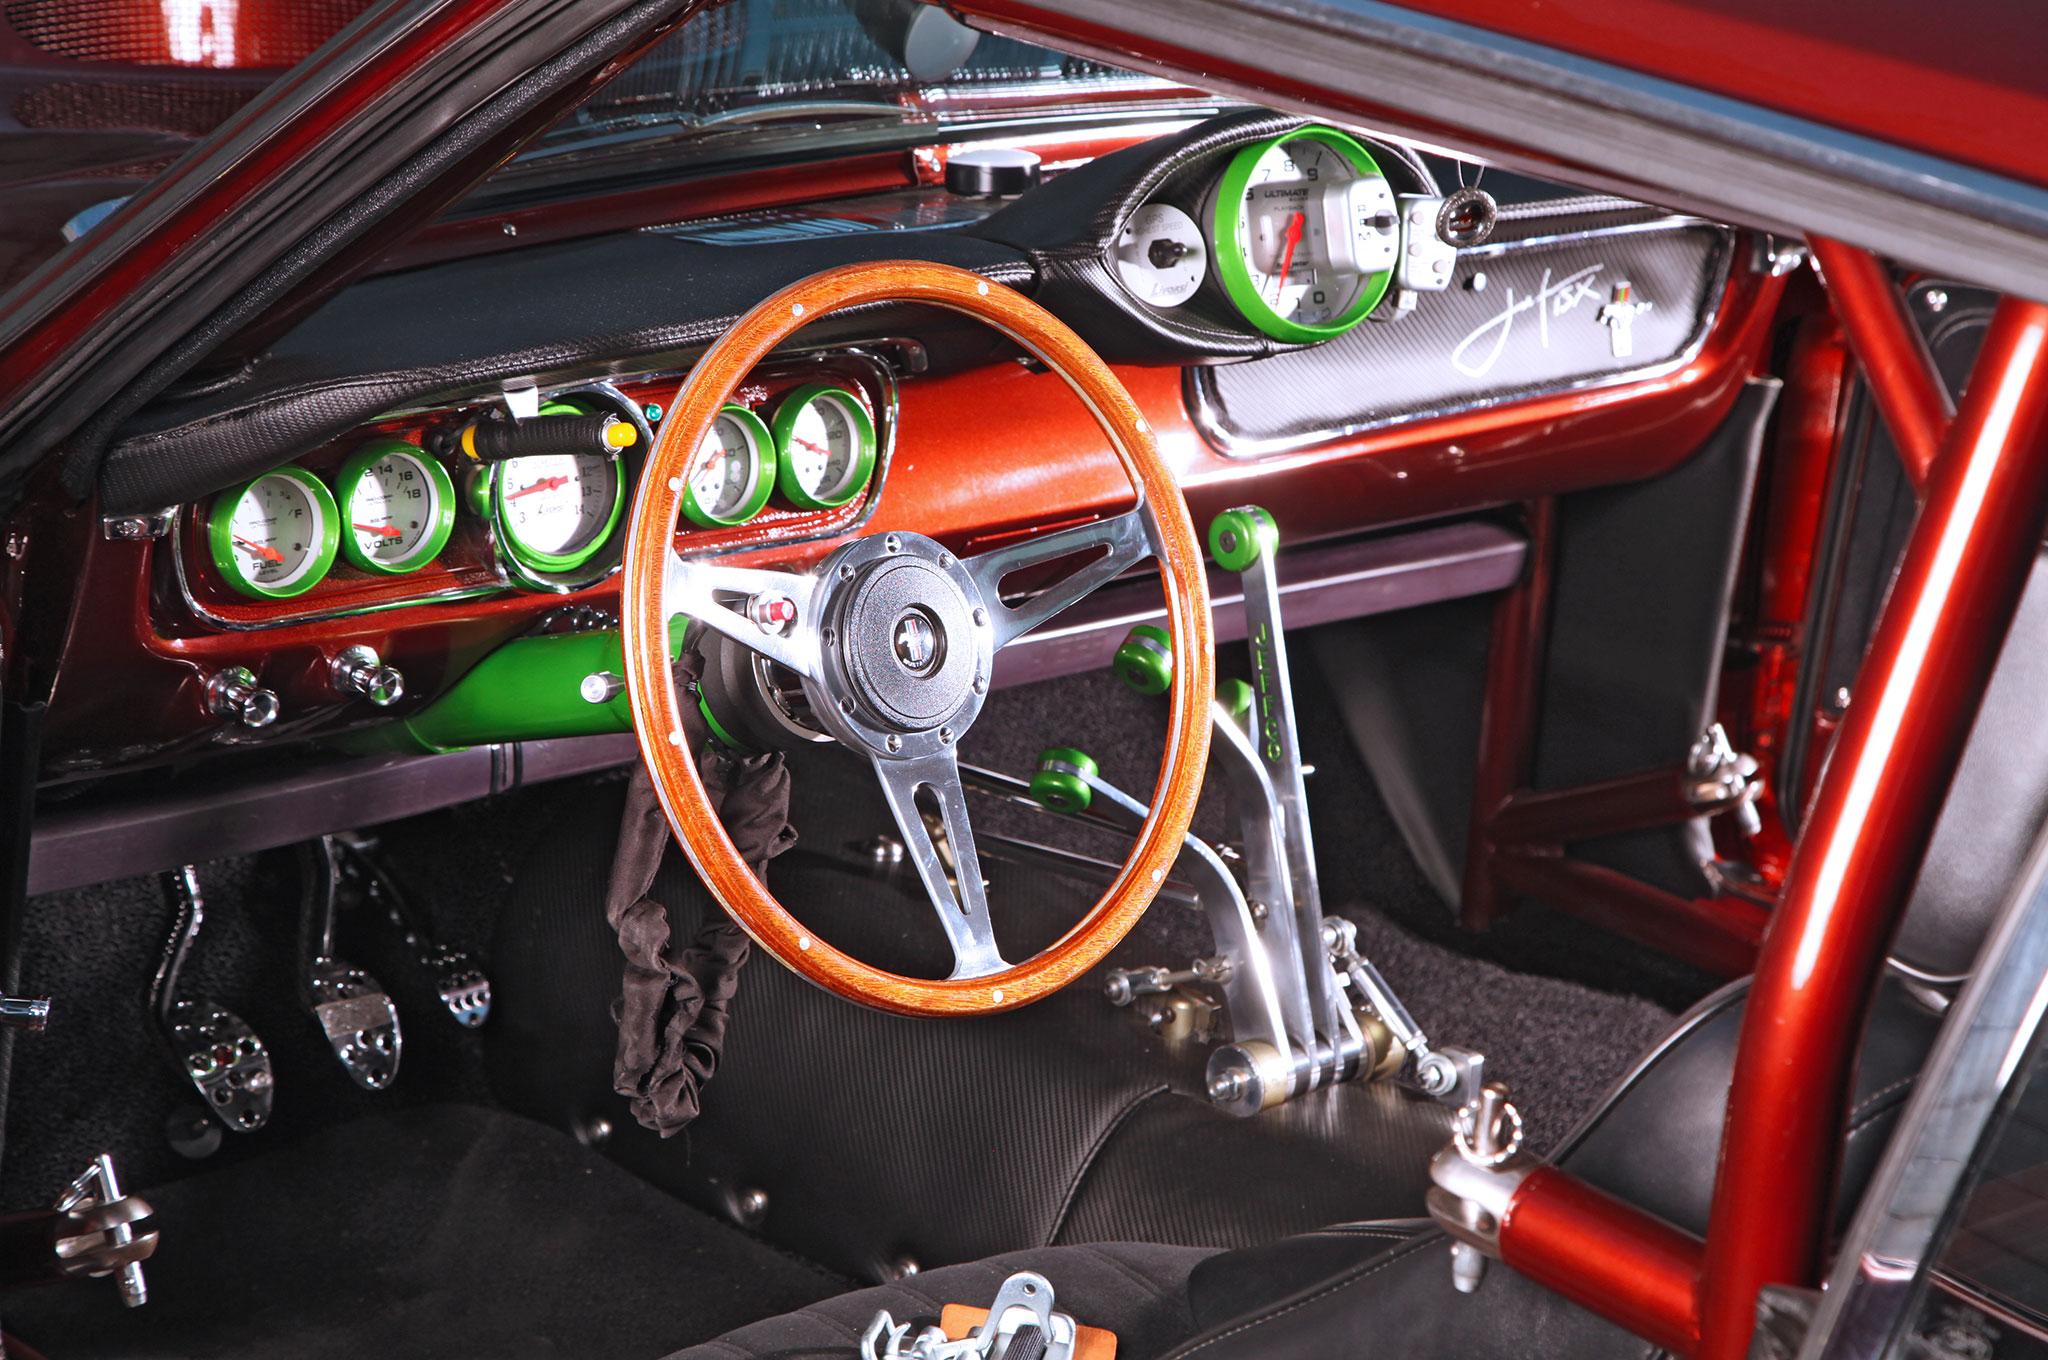 1964 Ford Mustang Steering Wheel